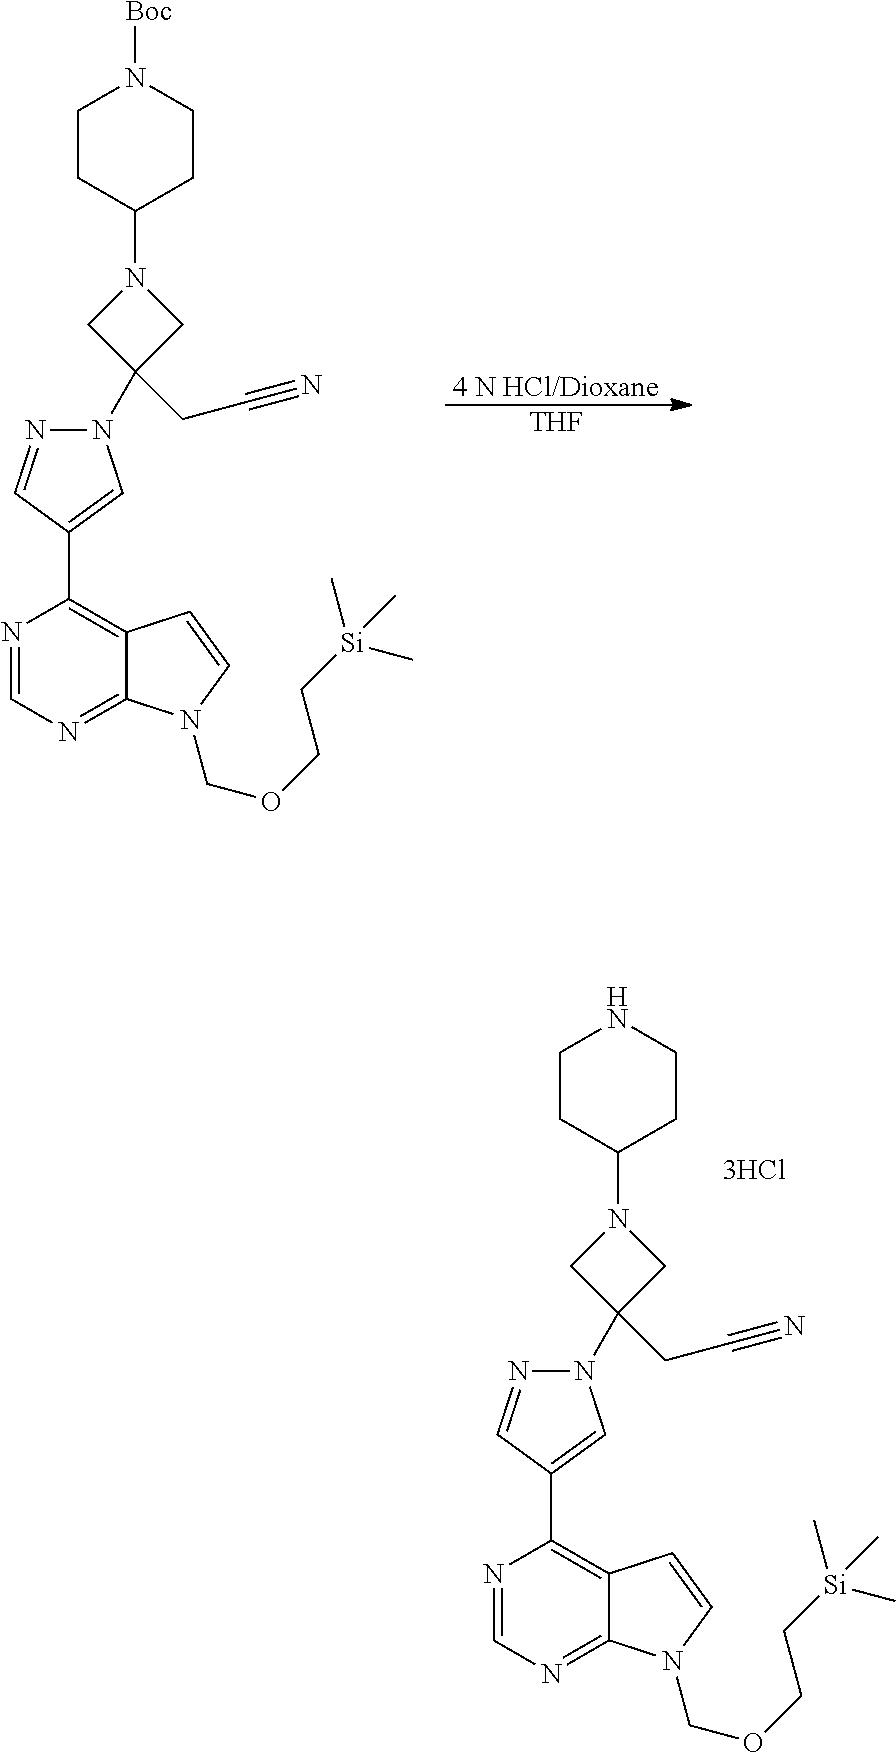 Figure US20110224190A1-20110915-C00033